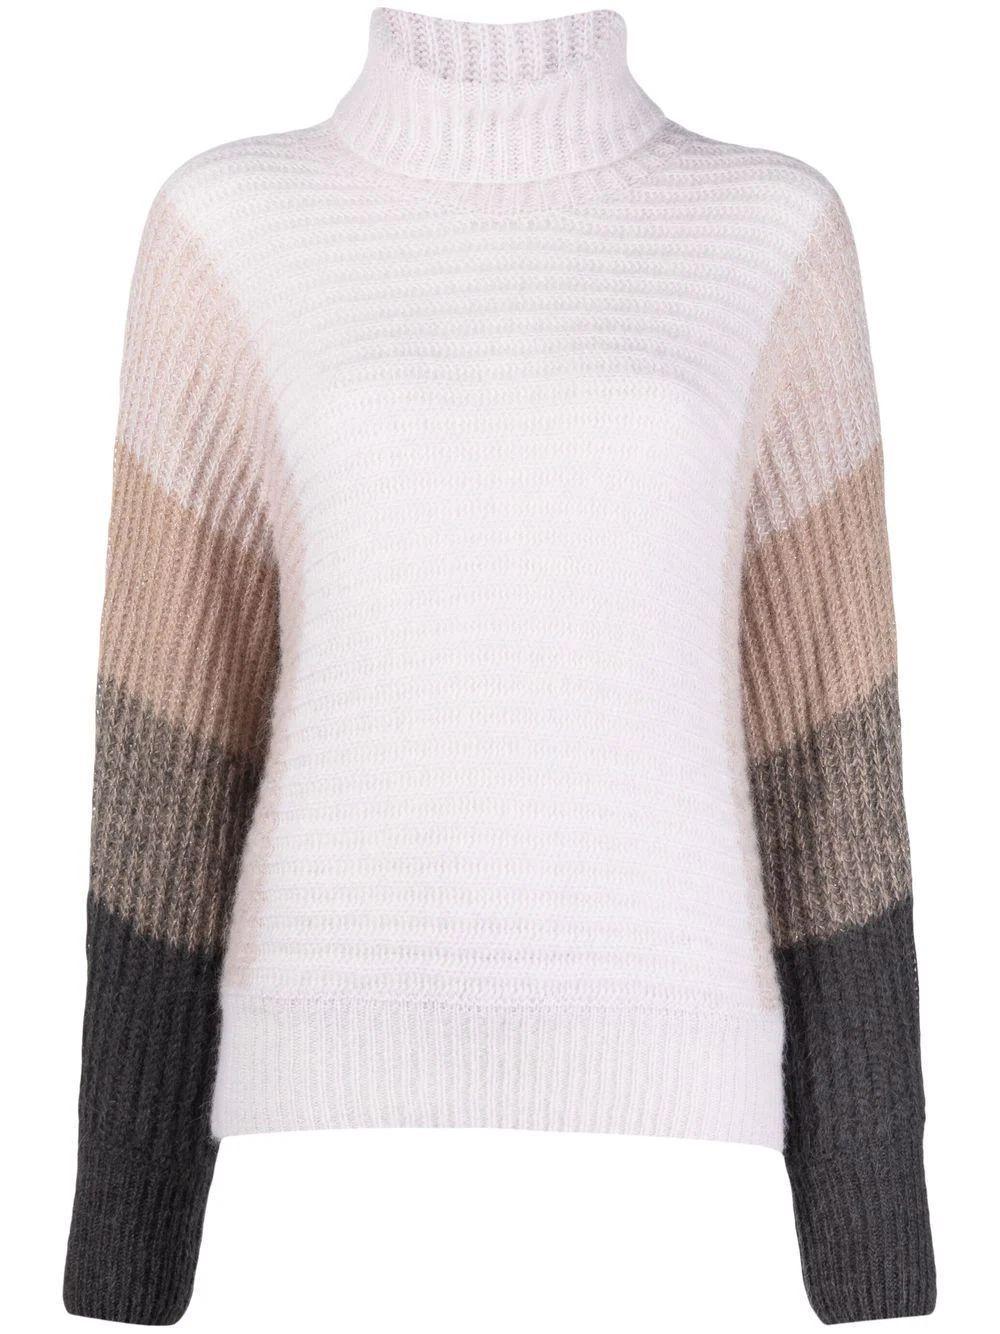 Color Block Turtleneck Sweater Item # S99093F05